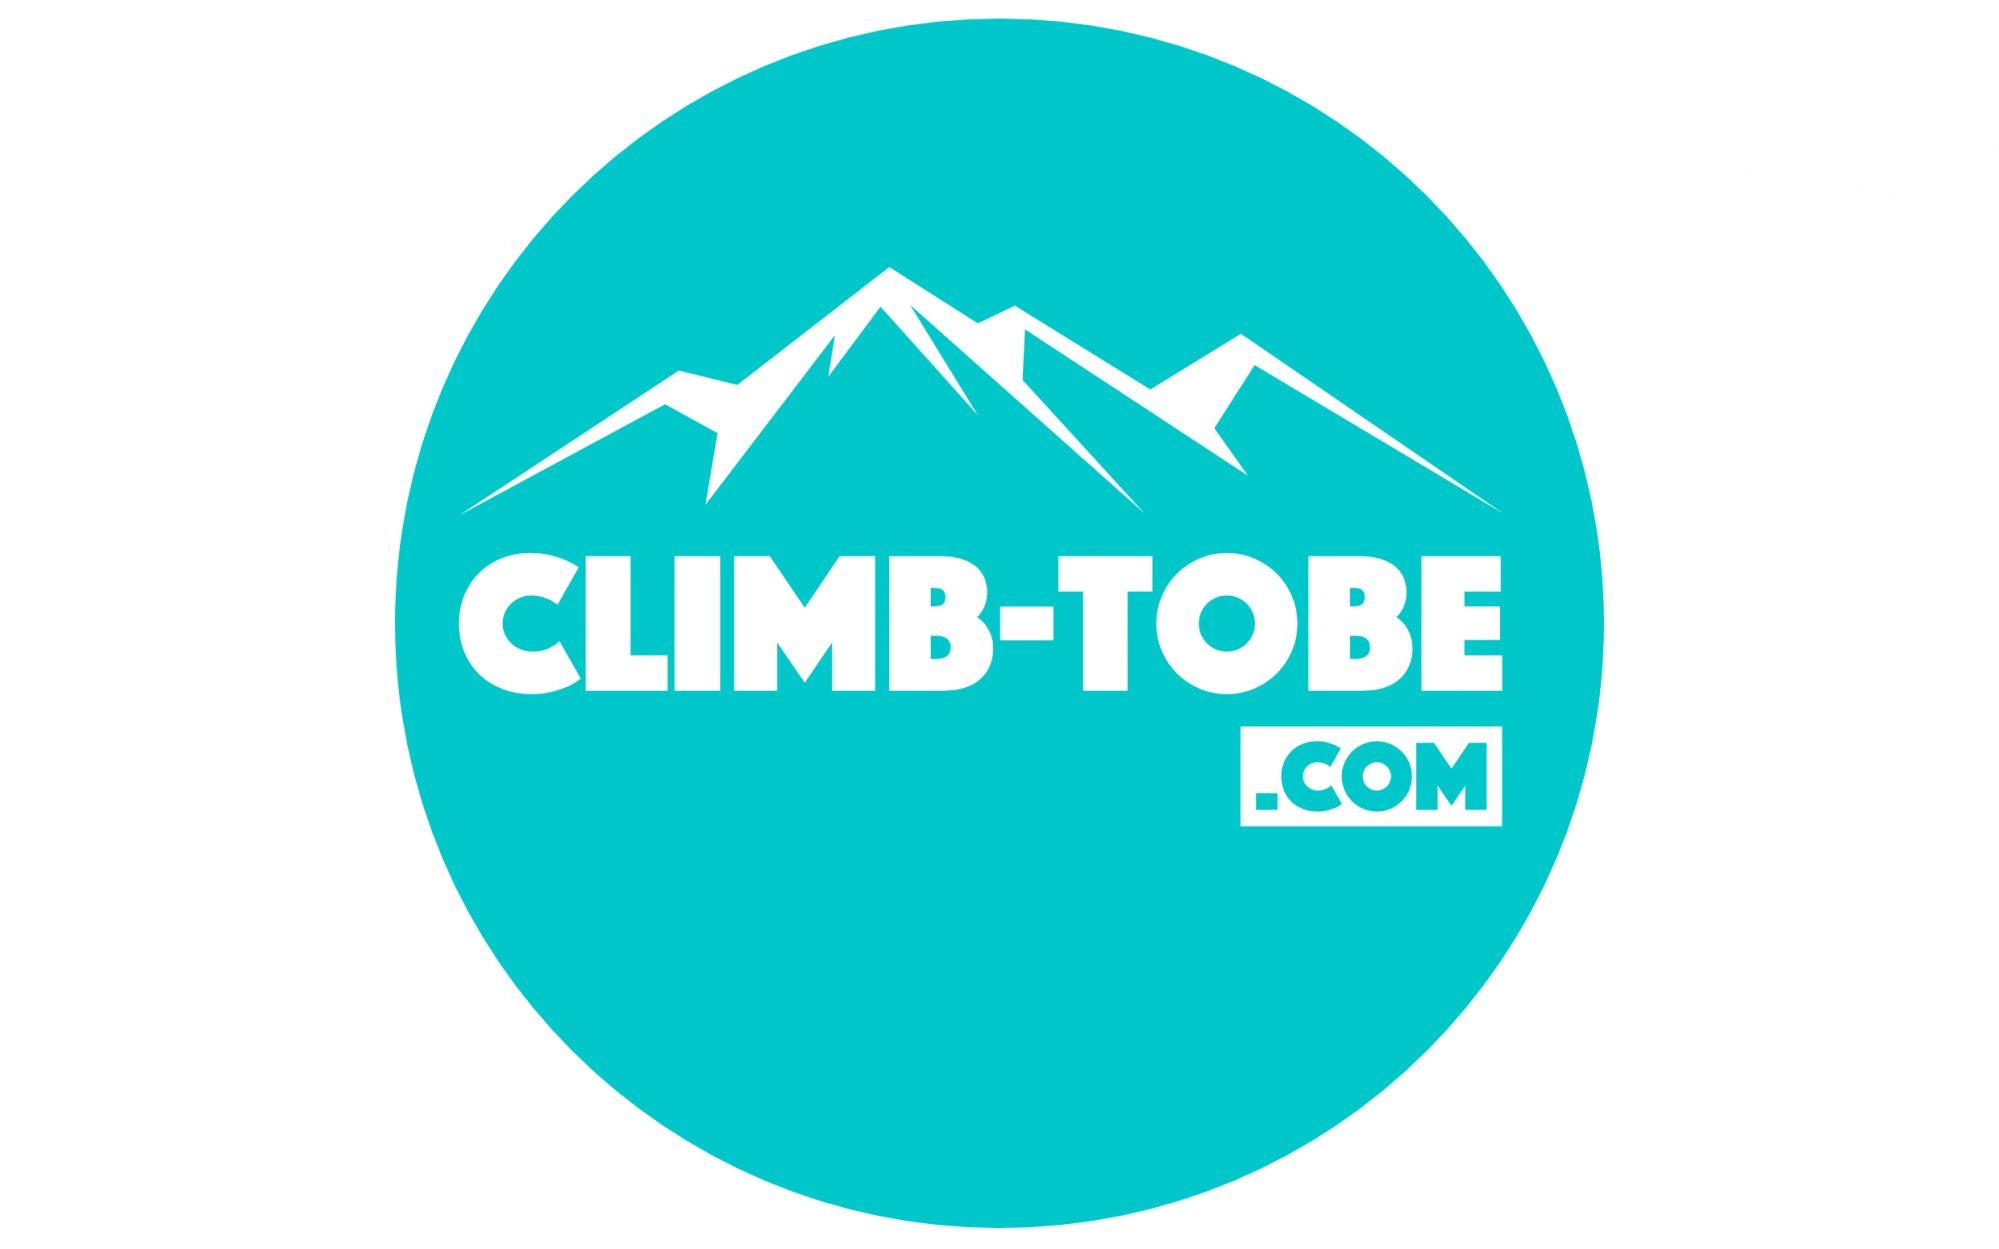 CLIMB-TOBE